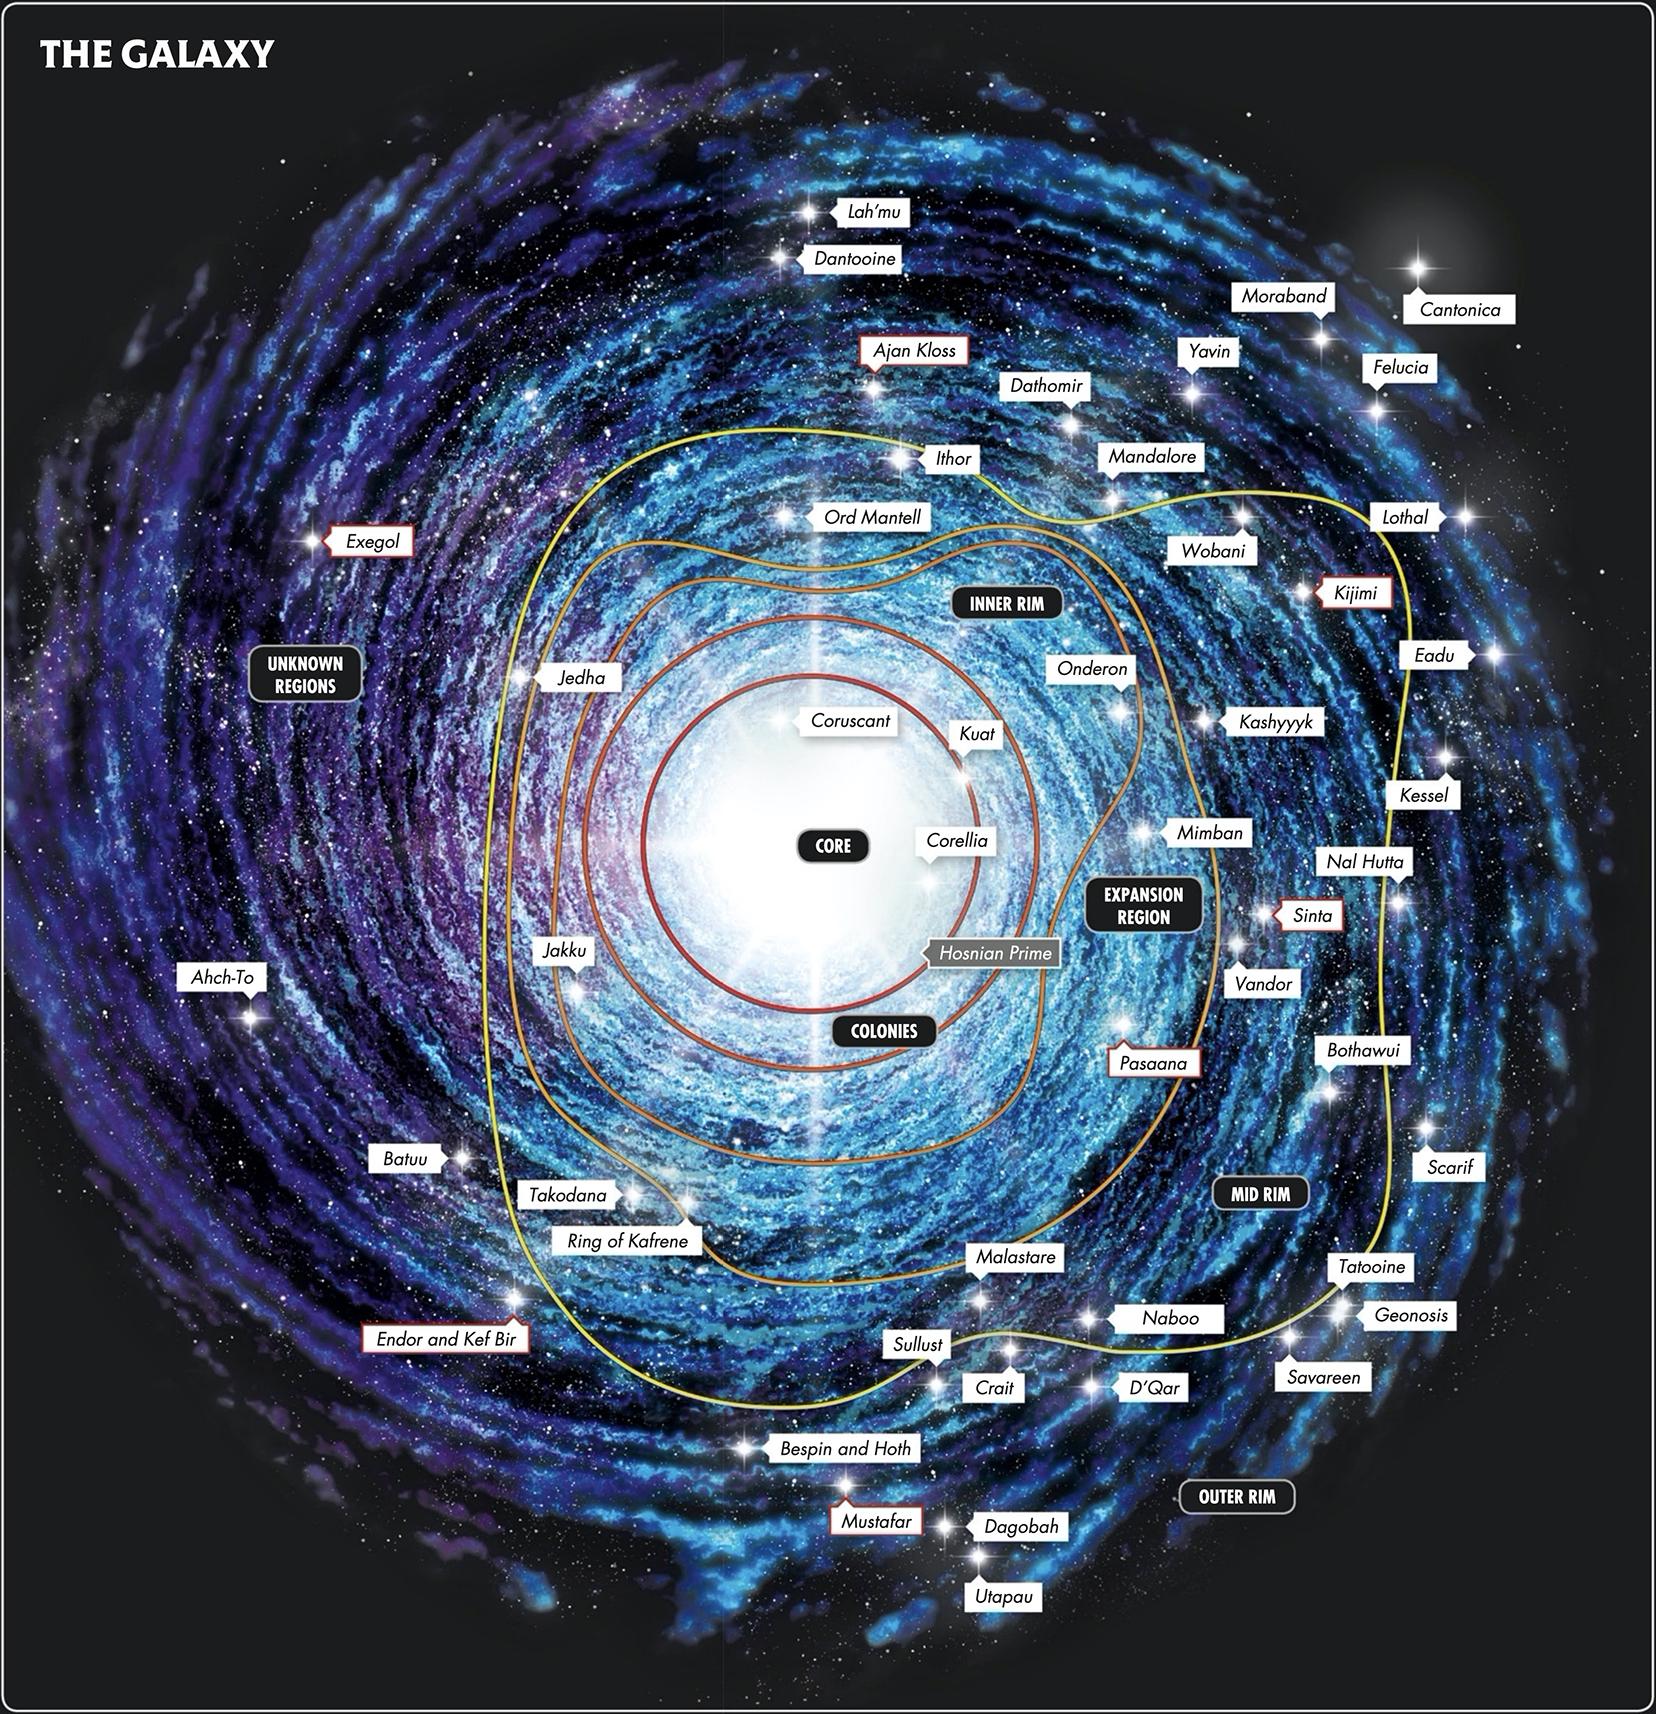 Star Wars Star Map The galaxy | Wookieepedia | Fandom